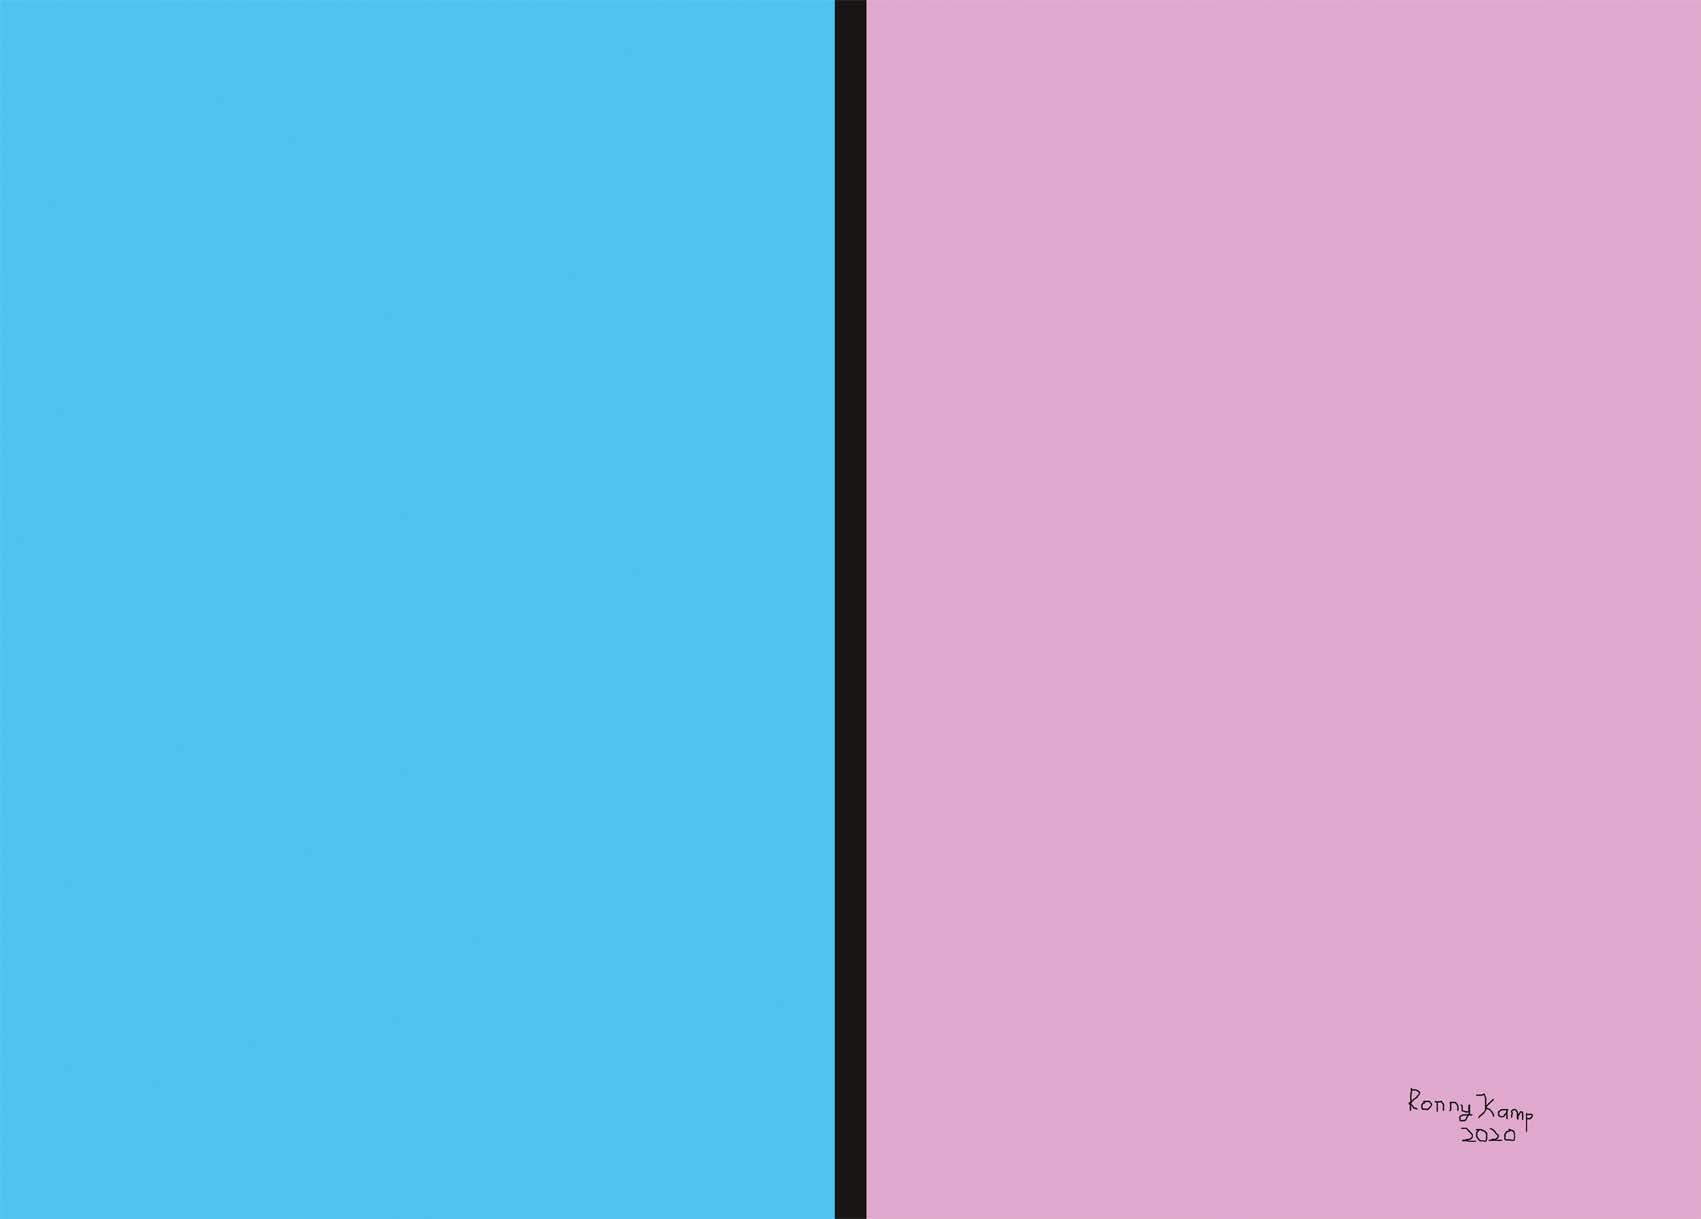 Blauw en roze van elkaar gescheiden door een dikke zwarte lijn. Een kunstwerk dat het tegenovergestelde van genderneutraal uitbeeldt.